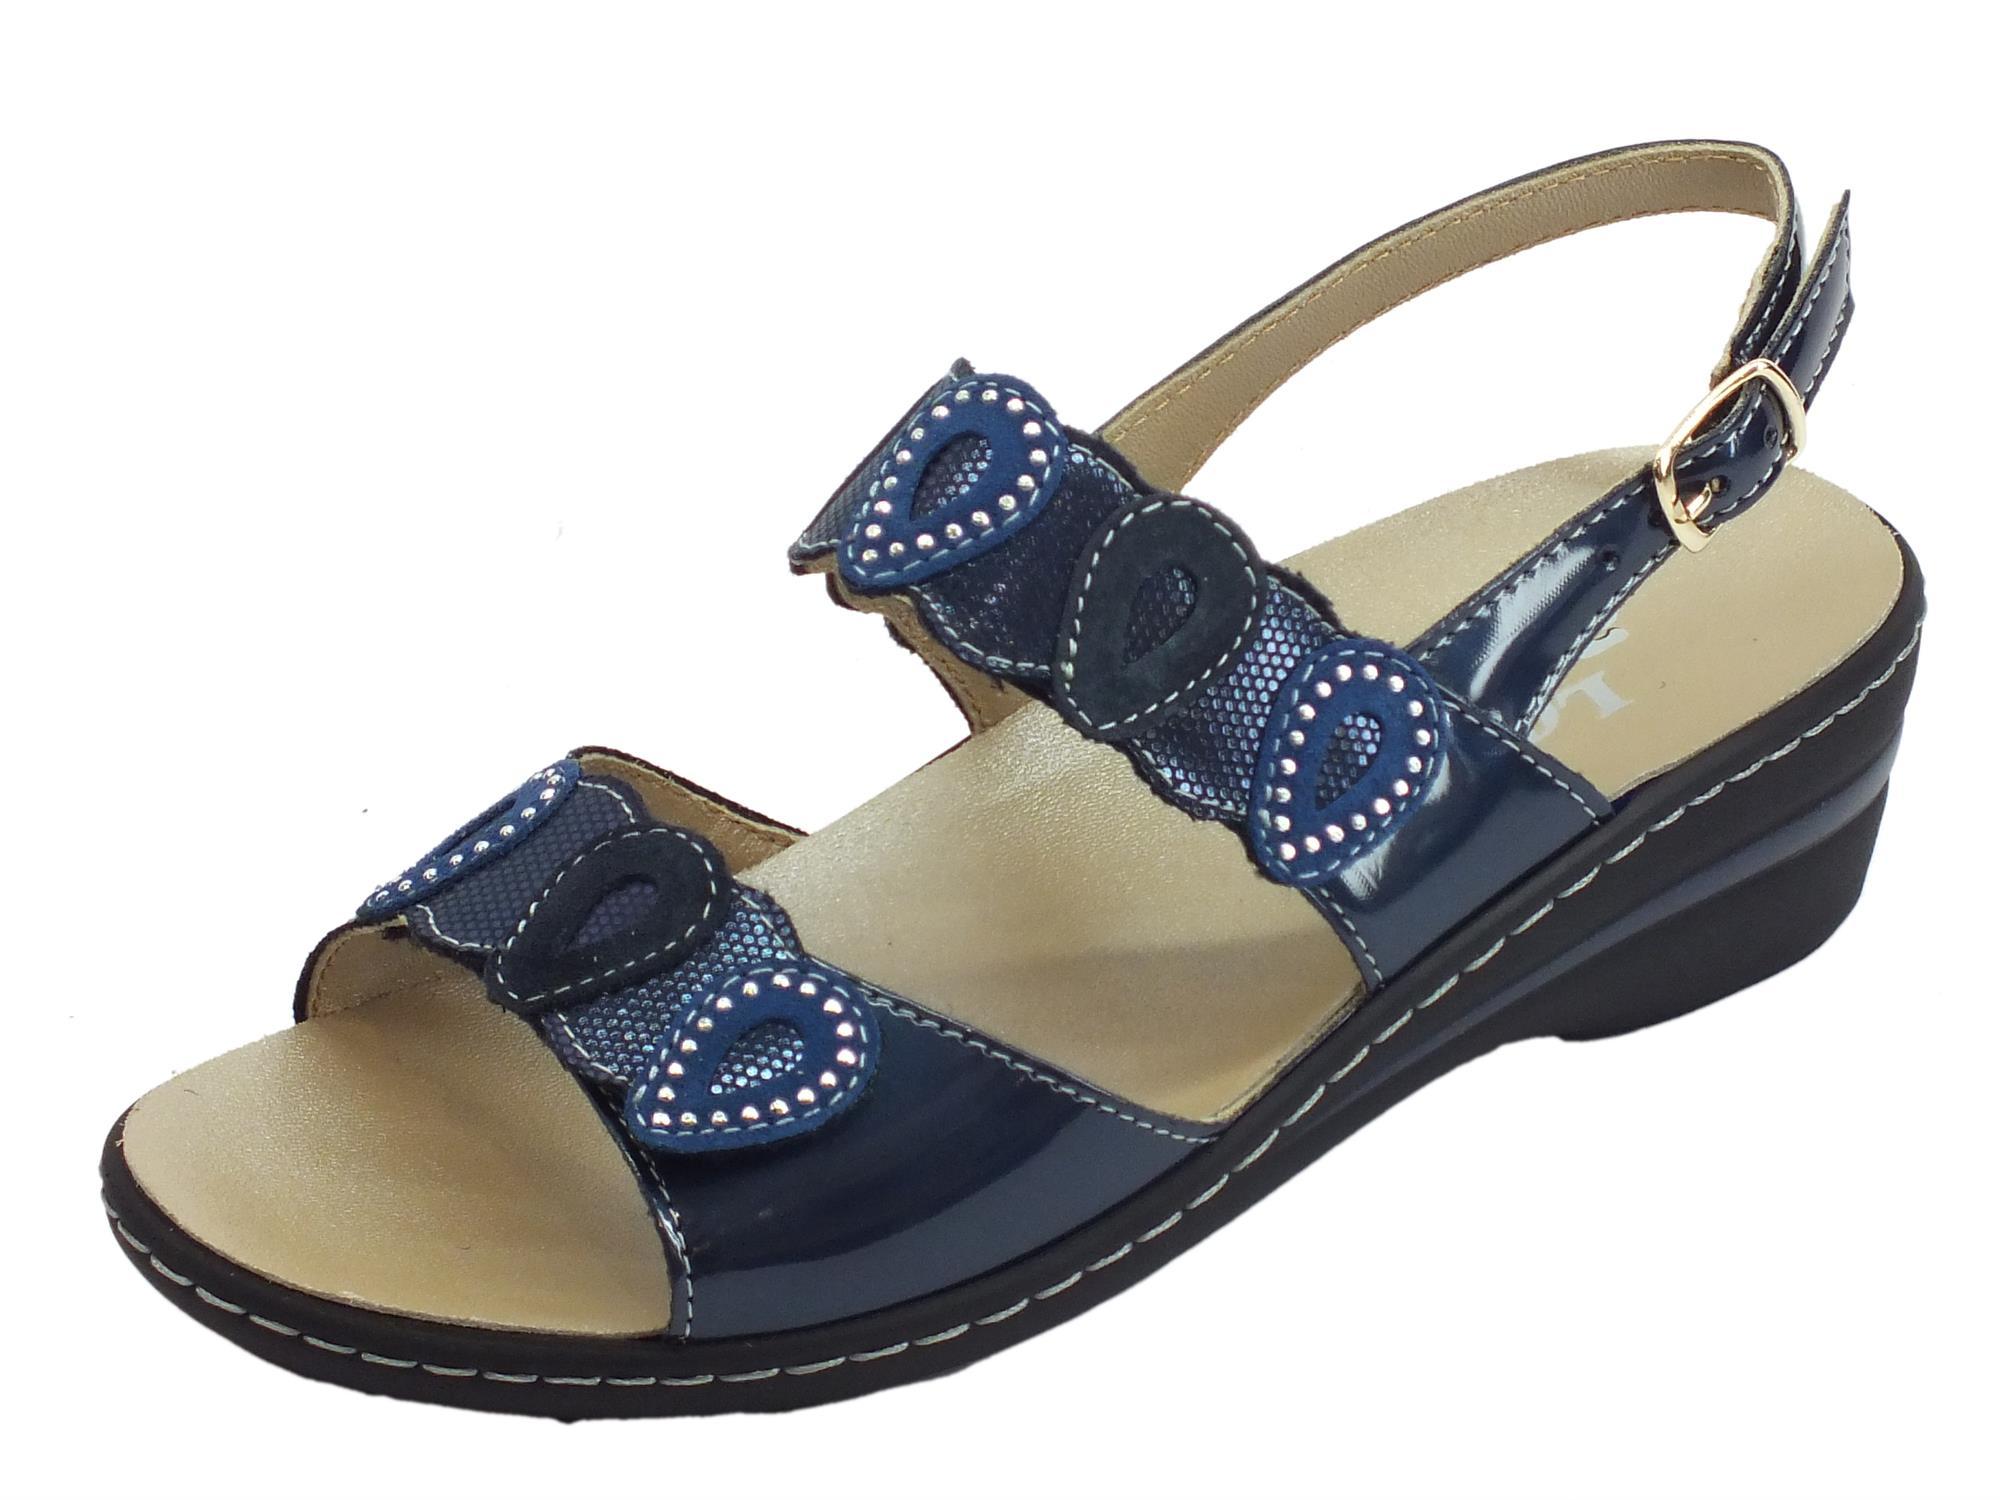 vasta gamma di stati Uniti grande sconto Melluso sandali in vernice blu con zeppa bassa doppia regolazione a strappo  e fibbietta laterale